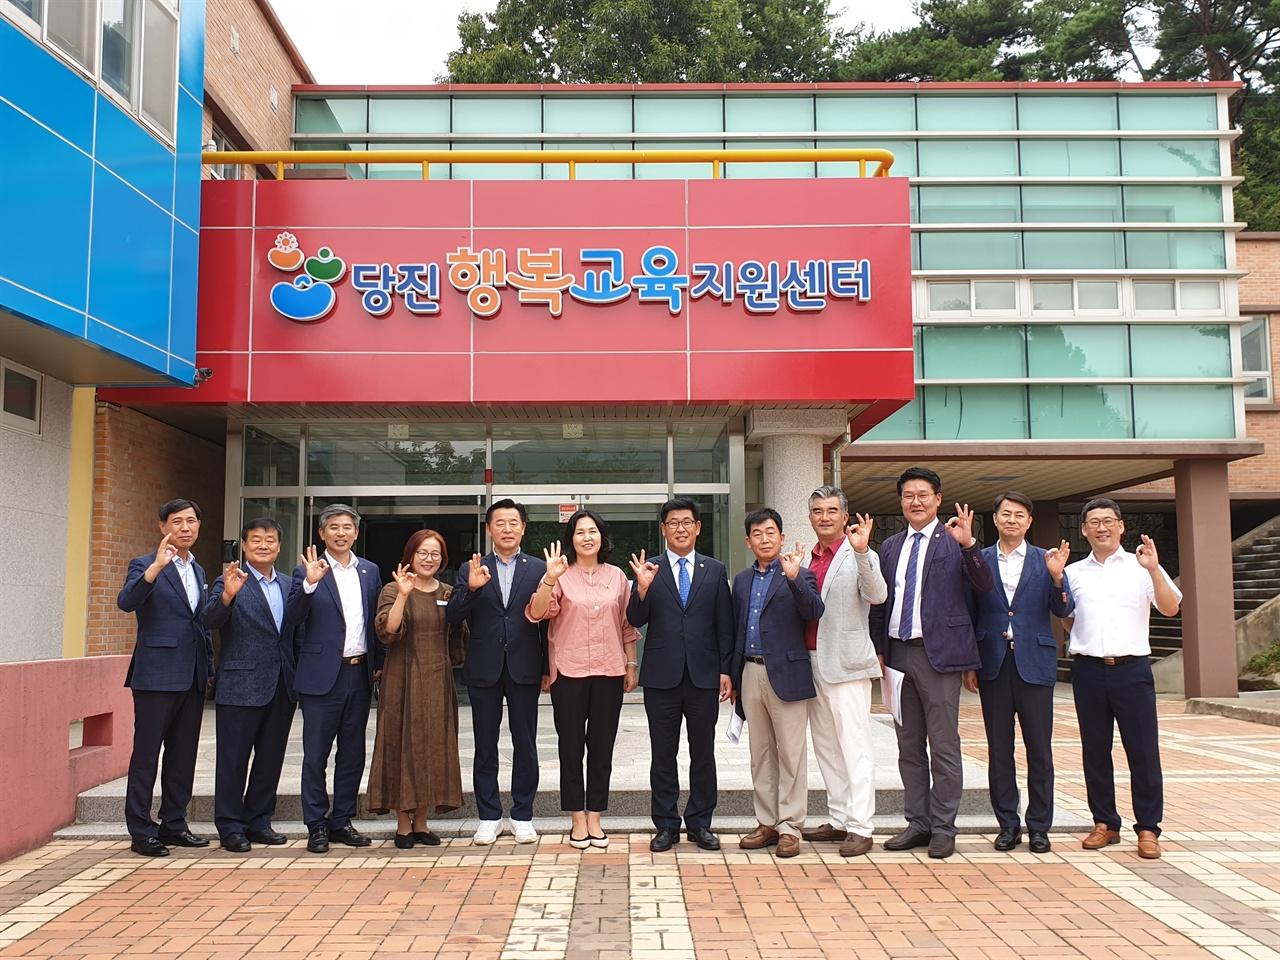 충남도의회 교육위원회가 교직원 휴양시설 신축 후보지인 태안과 당진을 지난 2일과 3일 방문했다.